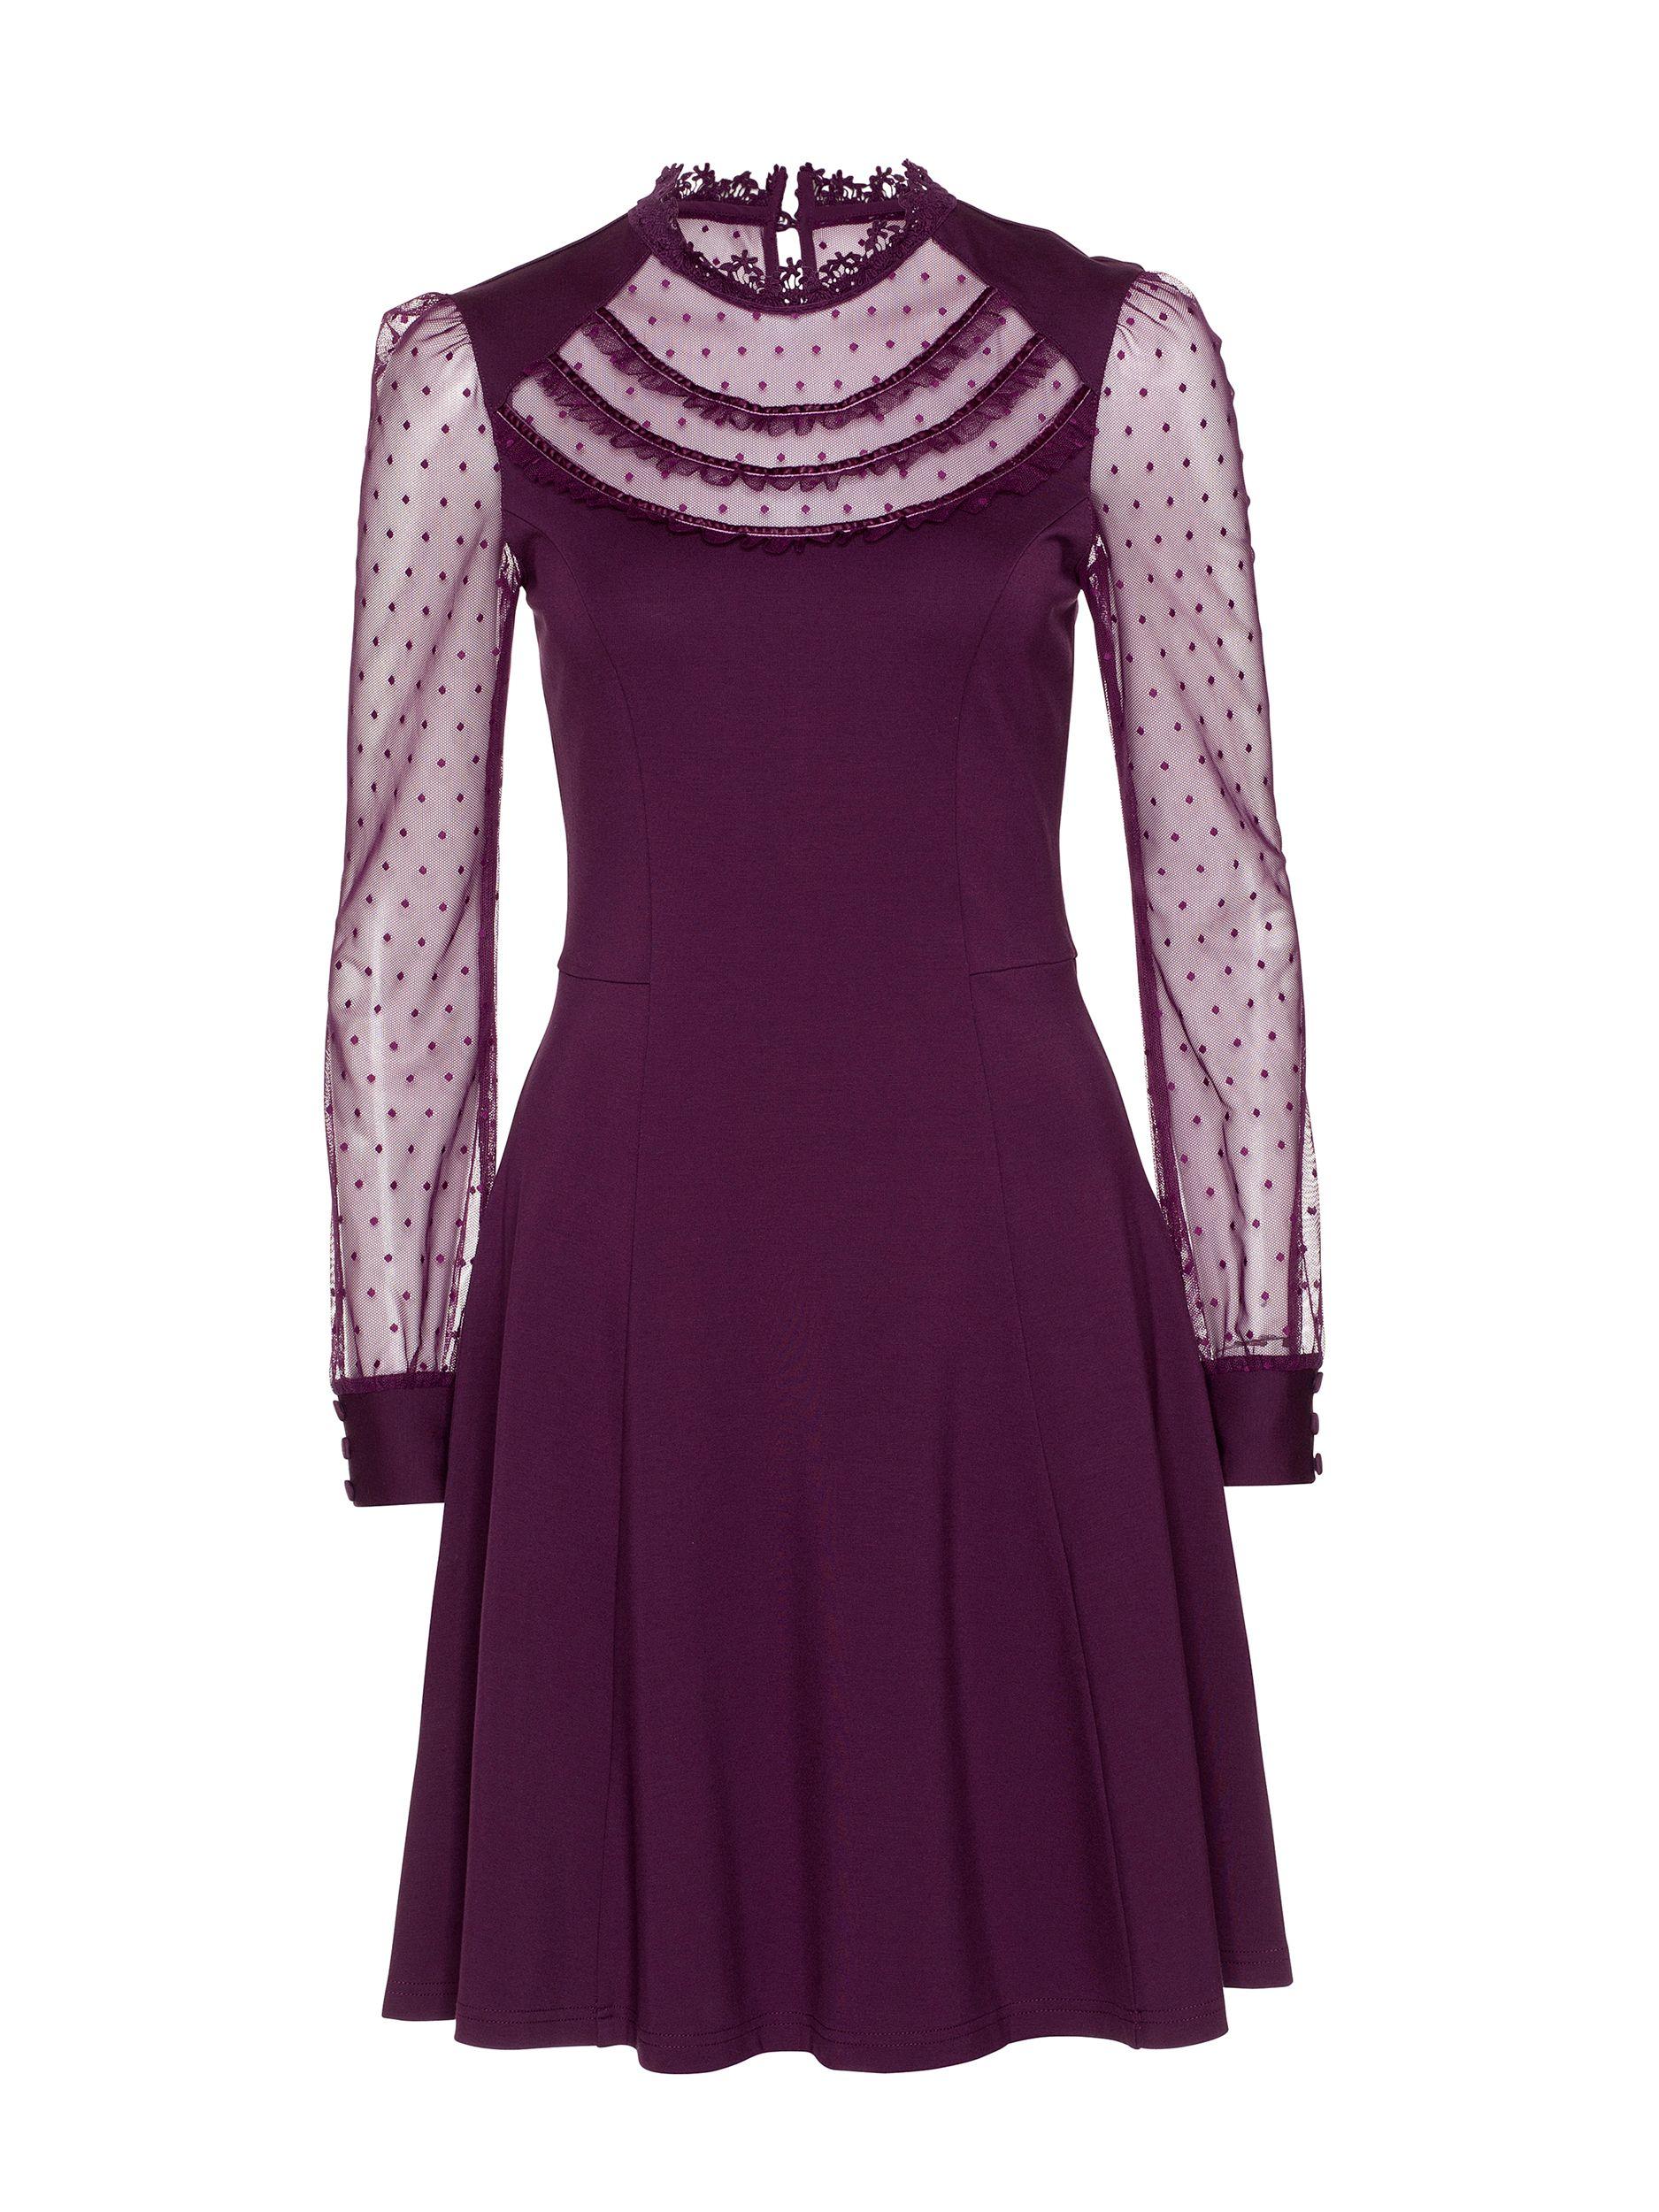 a95517efd239 Mystique Dress